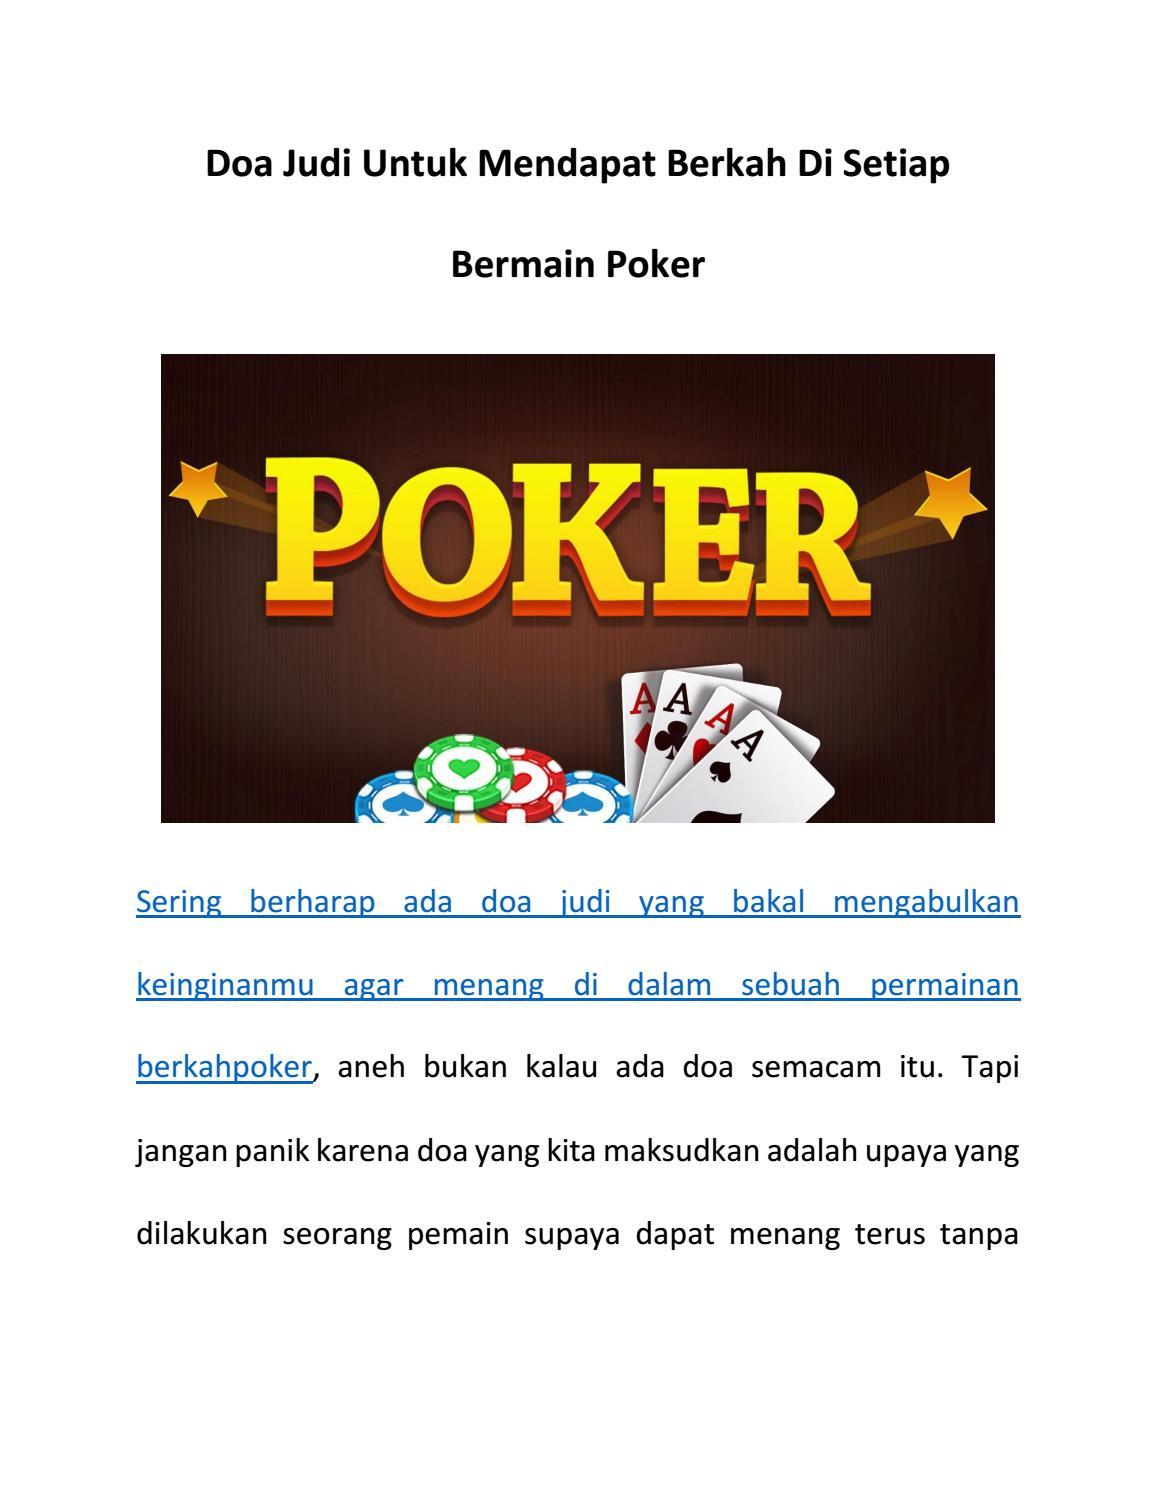 Doa Judi Untuk Mendapat Berkah Di Setiap Bermain Poker By Sandra Dewi Issuu